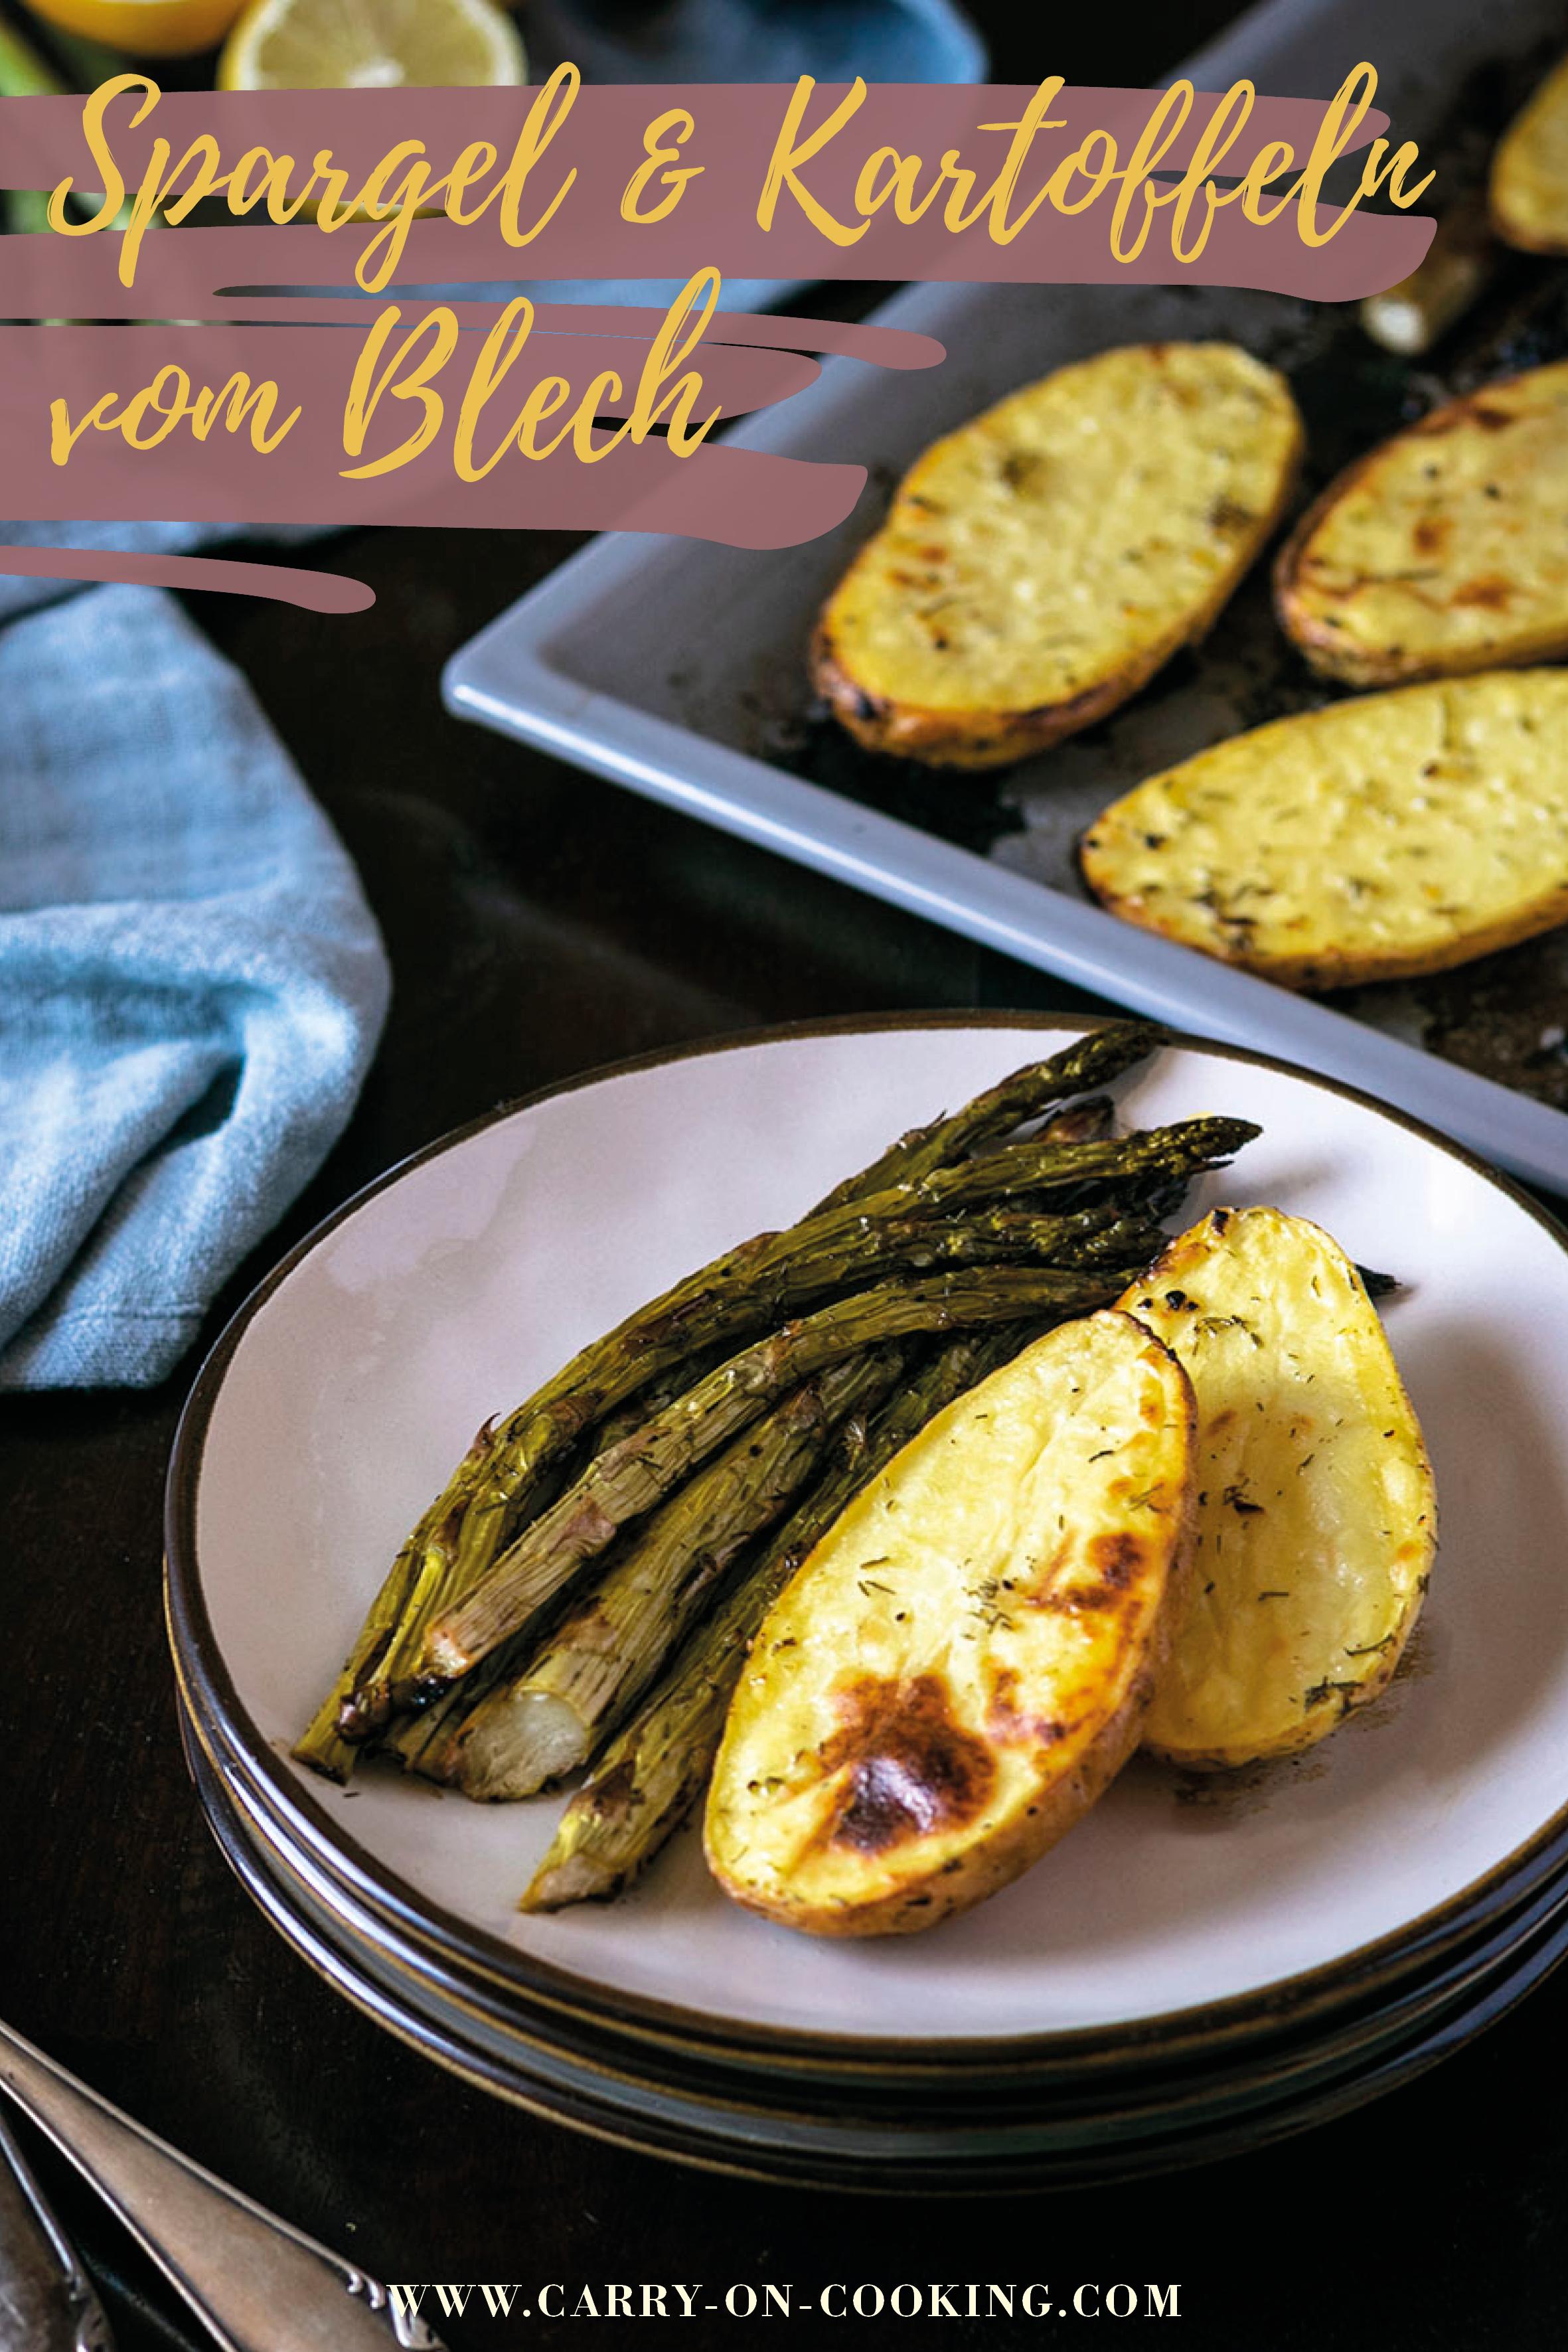 Gleich auf deine Pinterest-Pinwand pinnen: Grüner Spargel & Kartoffeln von Blech - veganes Rezept